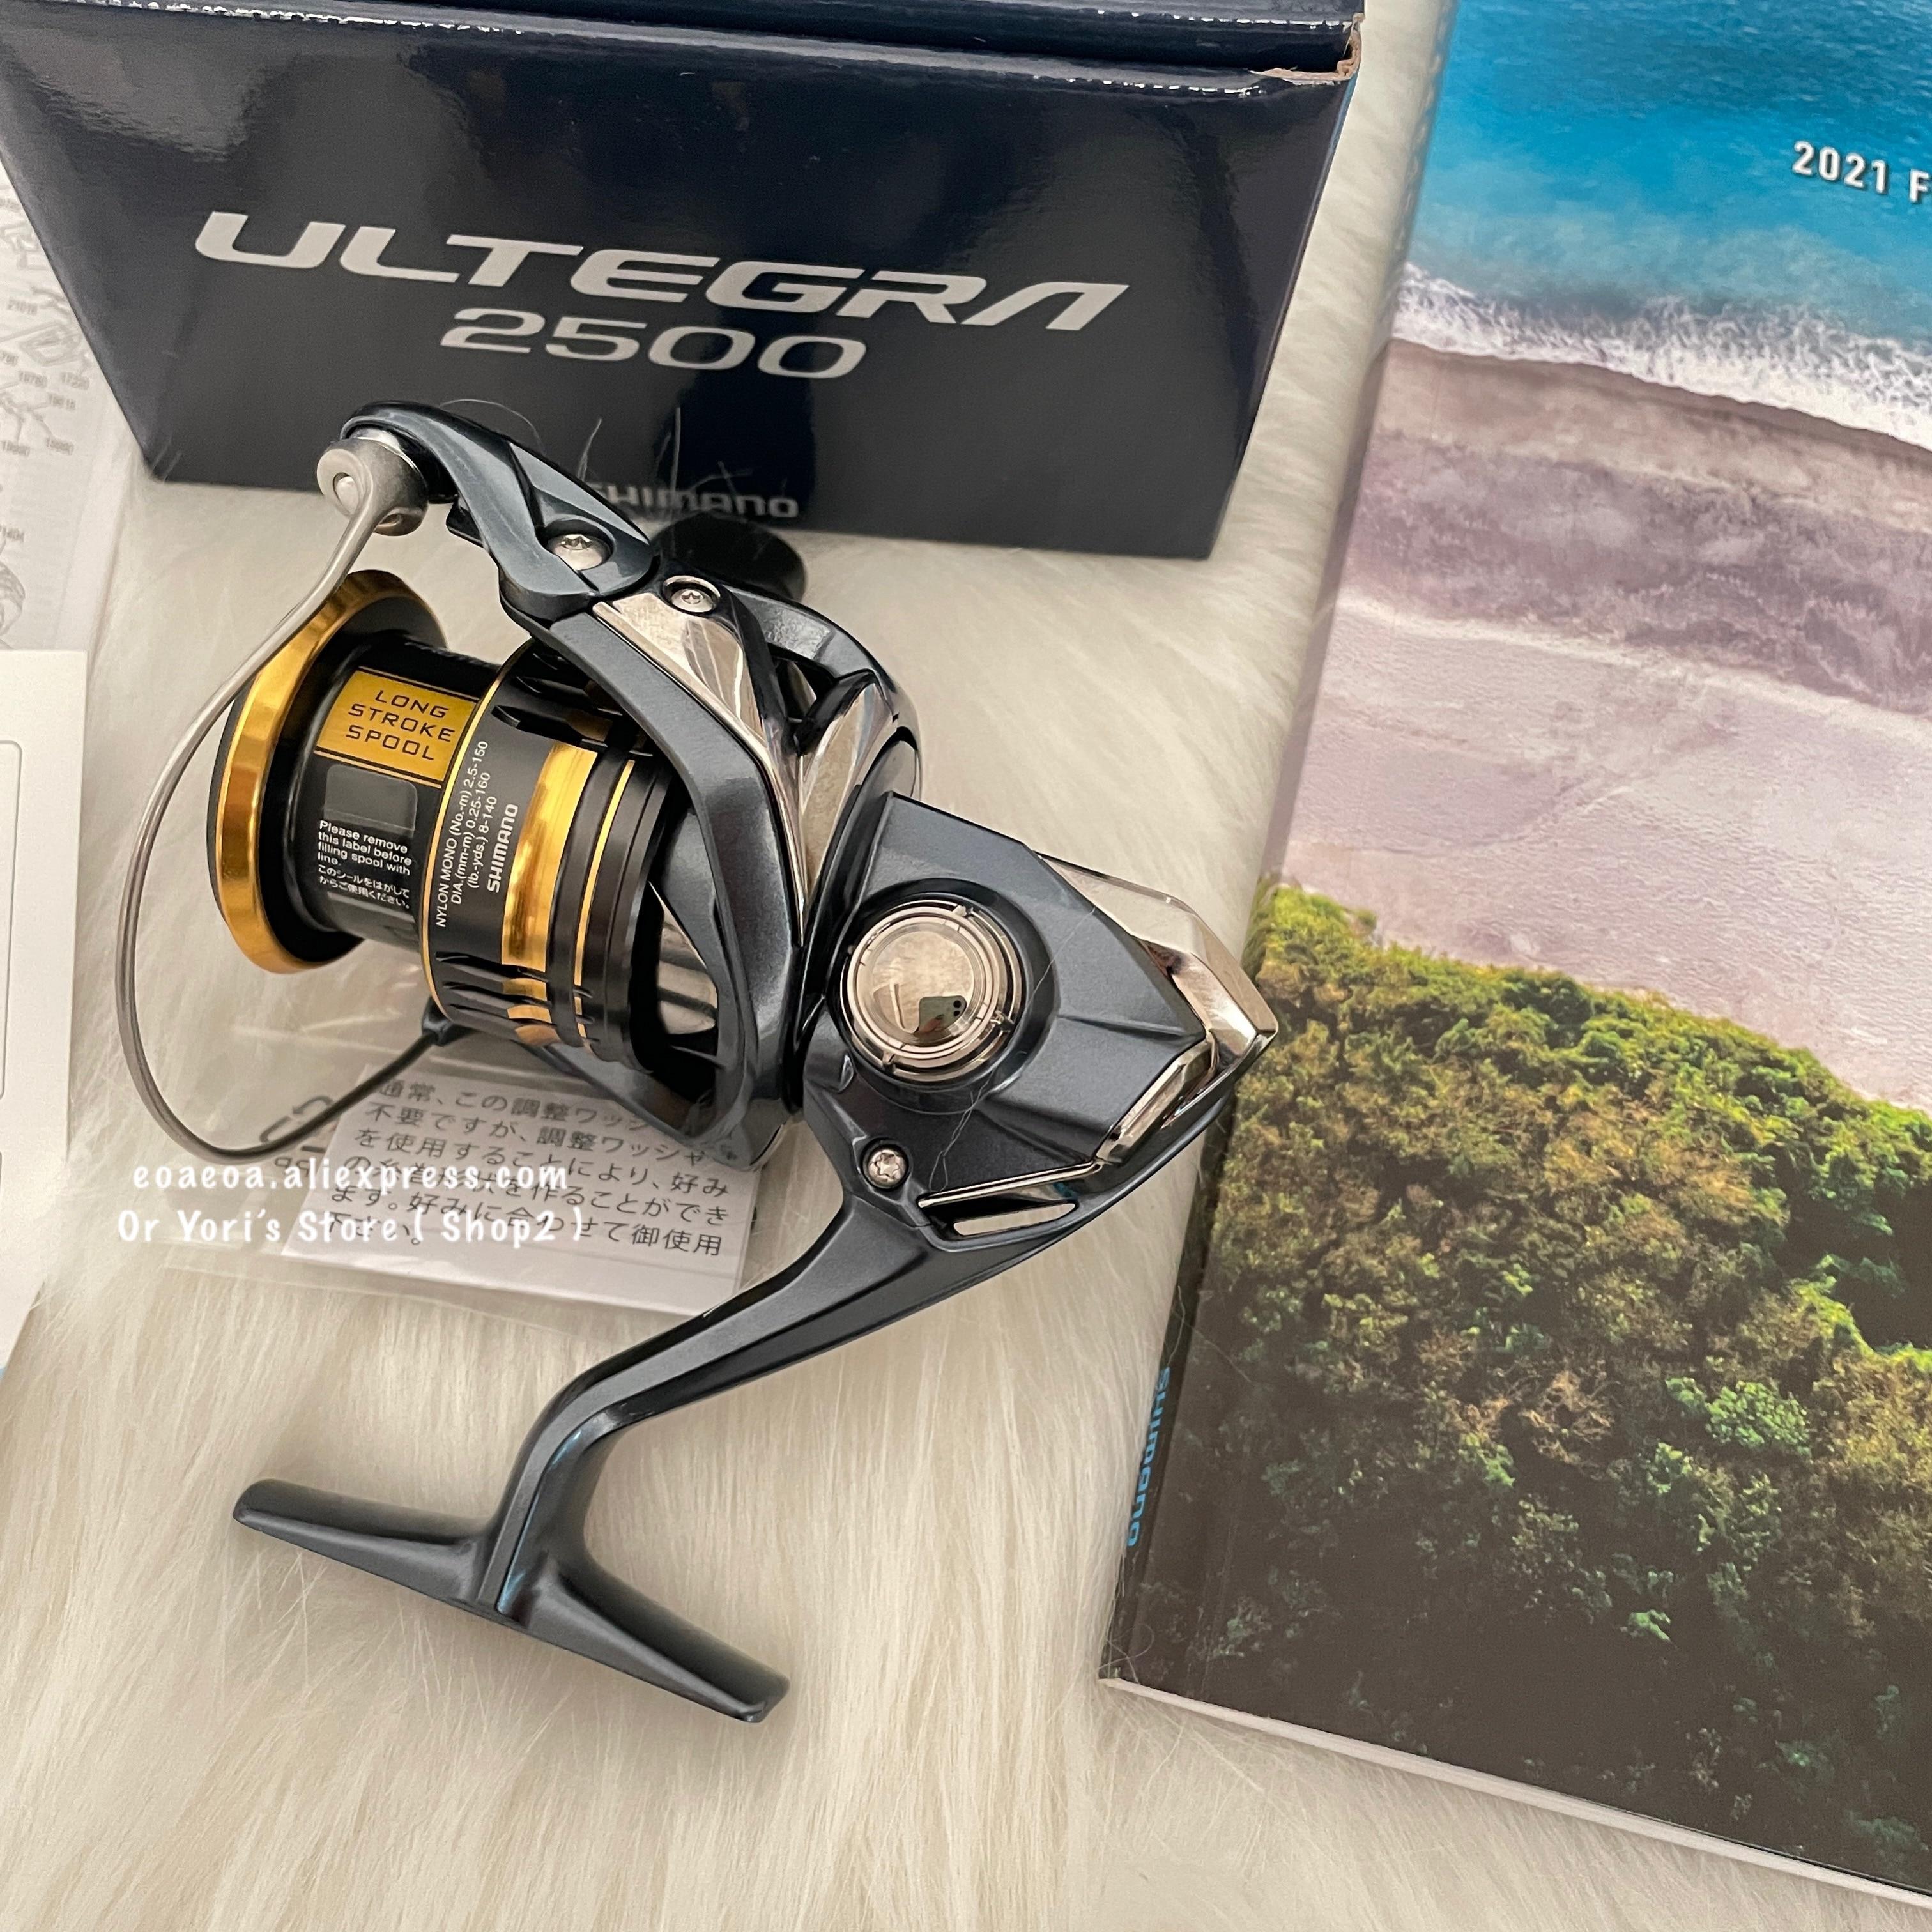 21 New Shimano Ultegra 2500 C3000 C3000HG 4000 C2000HG 2500HG HAGANE Body Saltwater Pesca Fishing Spinning Reel enlarge